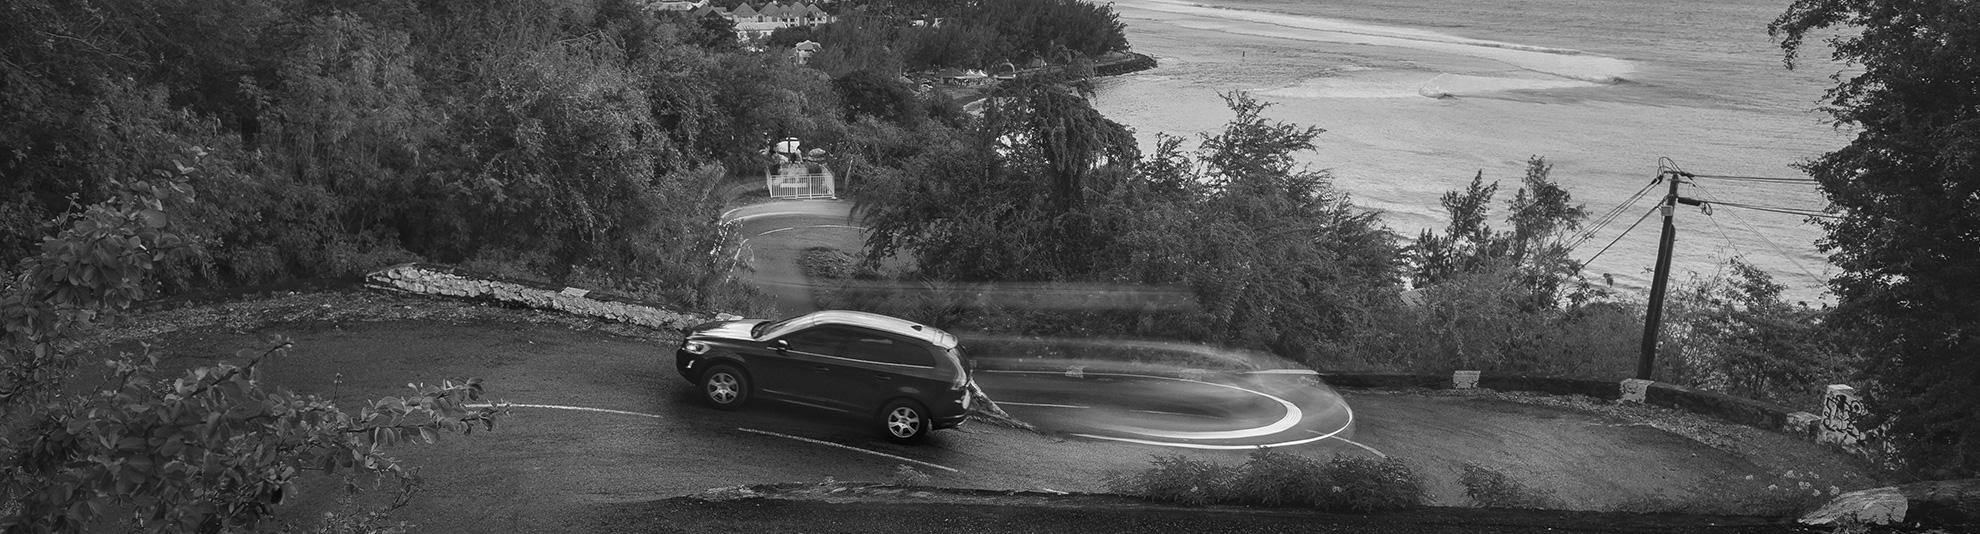 Nano VTC, à votre service ! Image représentant un véhicule de la société sur les rampes vers Saint-Leu